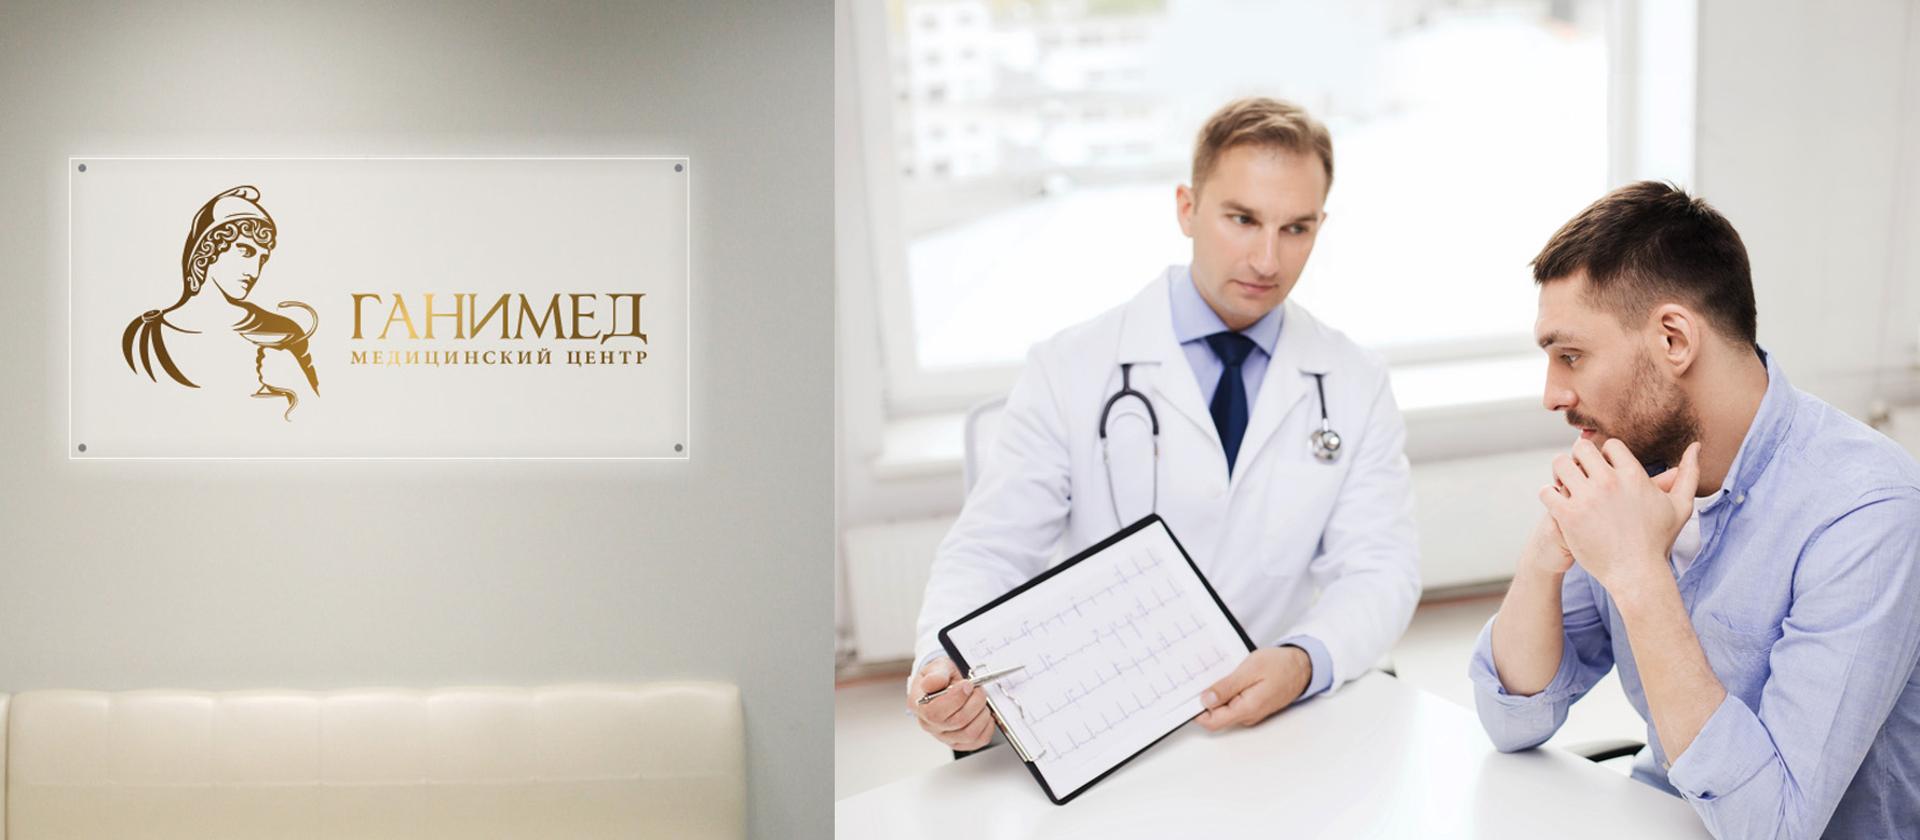 Дизайн медицинского логотипа, Medical logo design